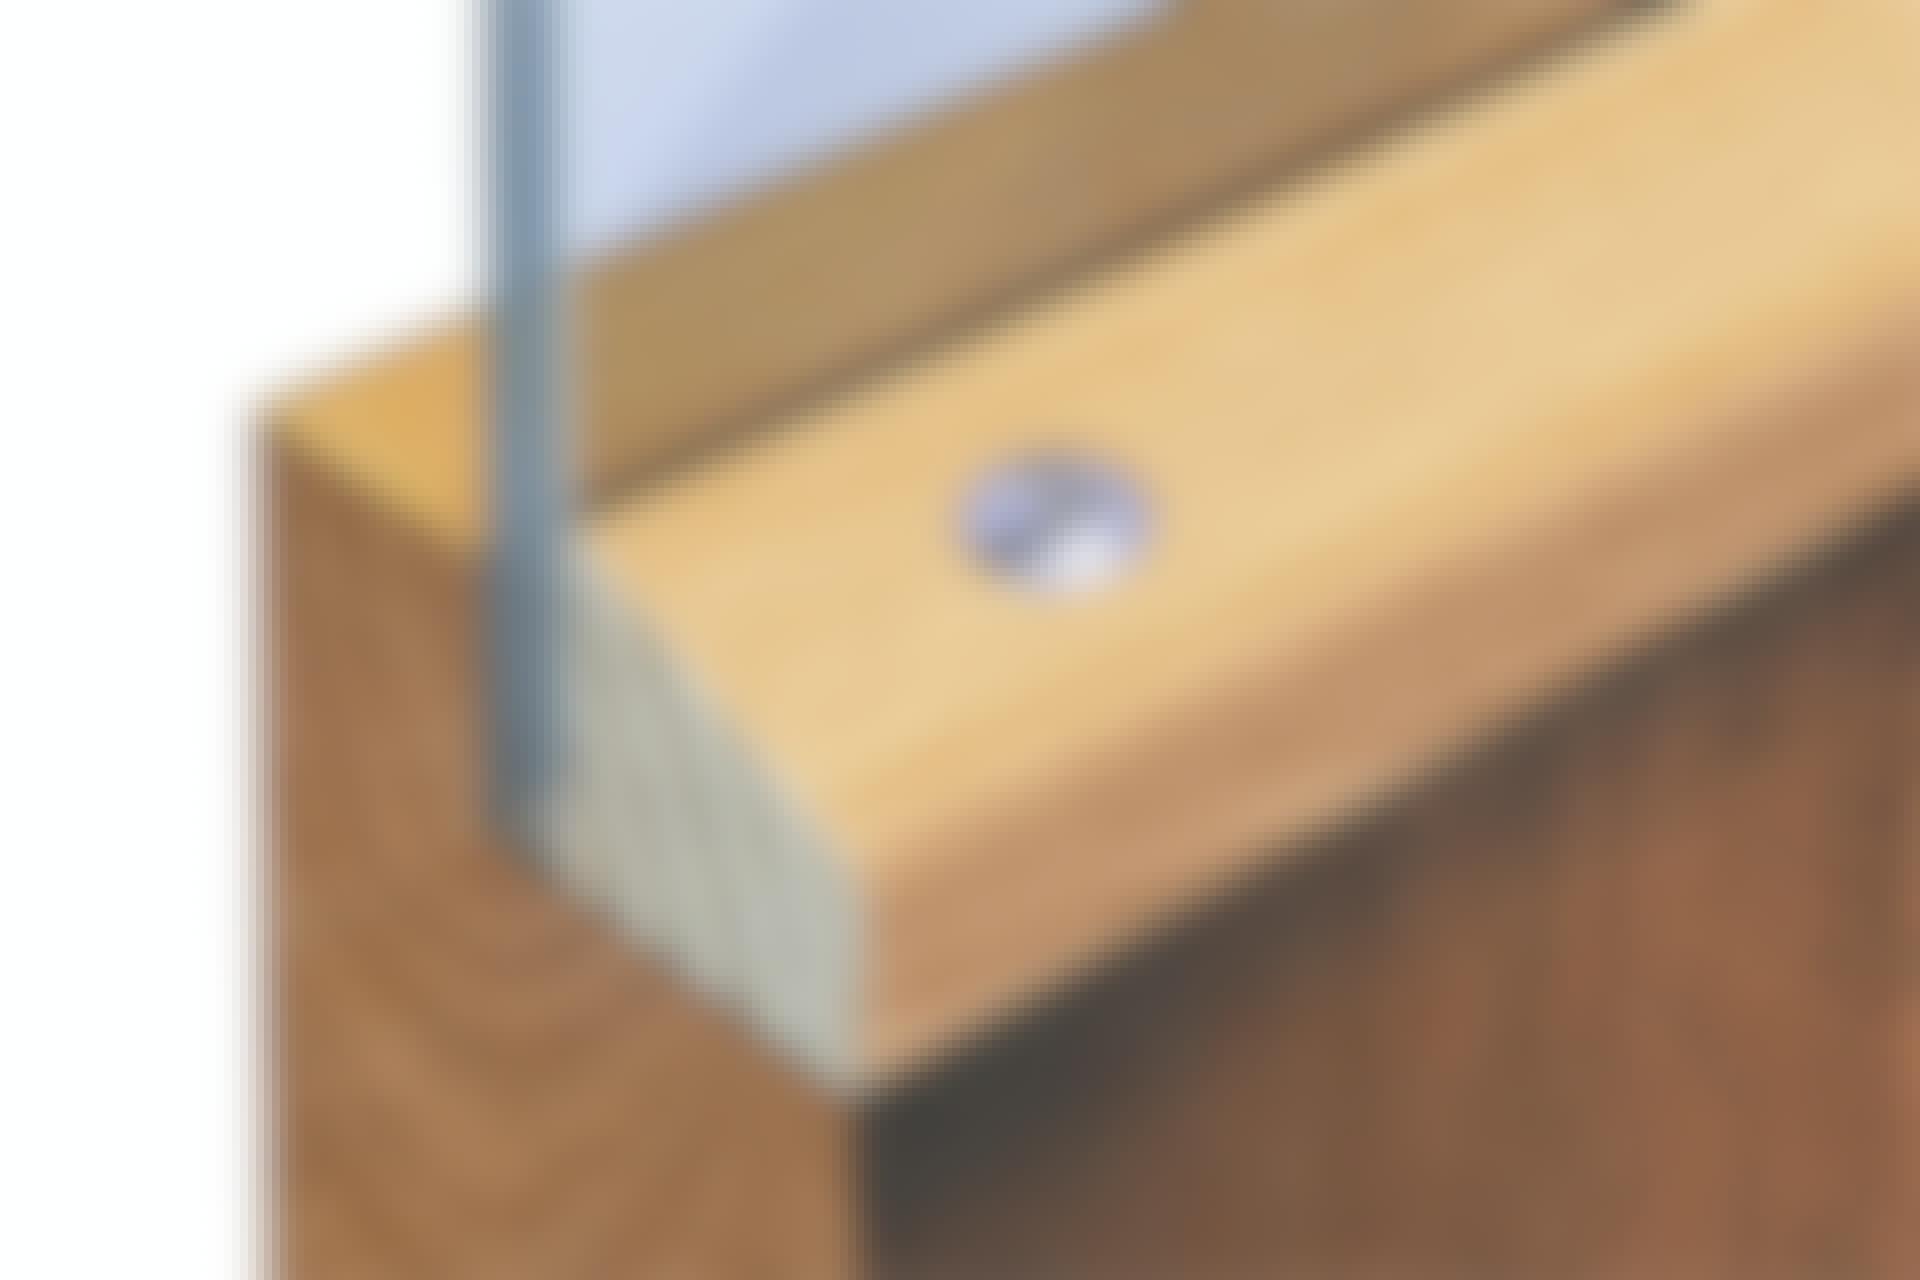 Hvordan sikrer jeg kjellerdøren mot innbrudd?